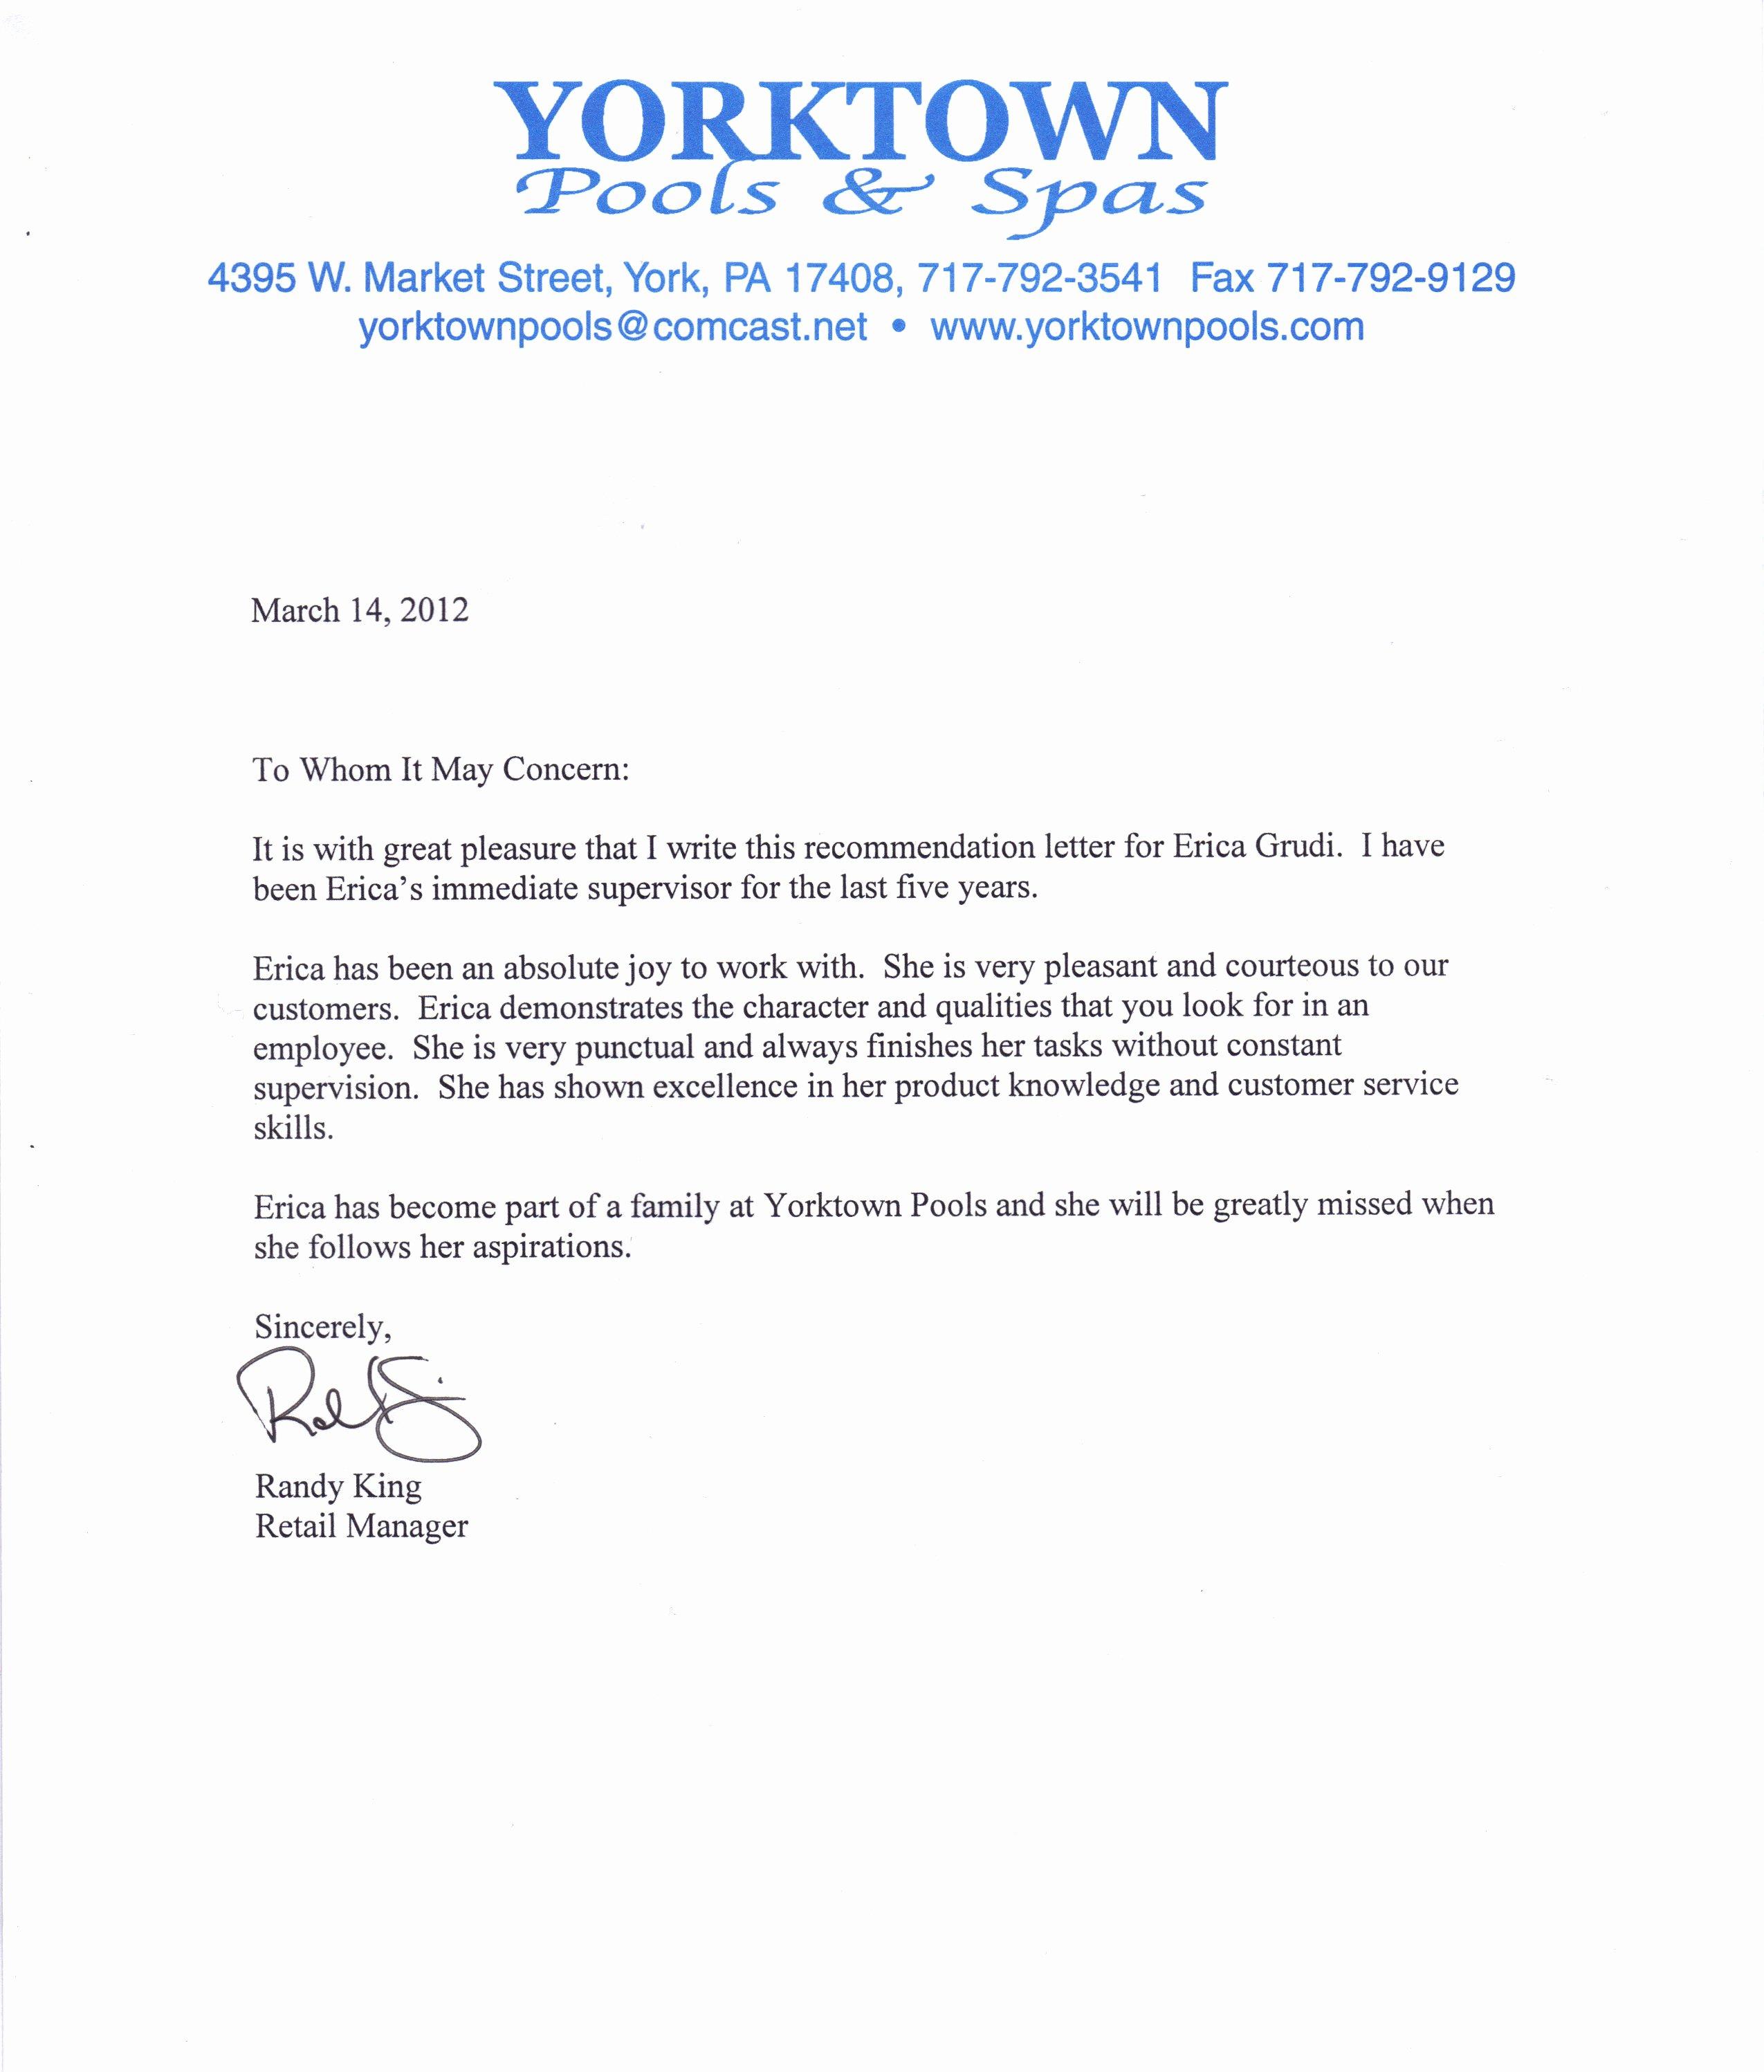 Letterhead for Letter Of Recommendation Fresh Letter Of Re Mendation who Do You Address A Letter Of